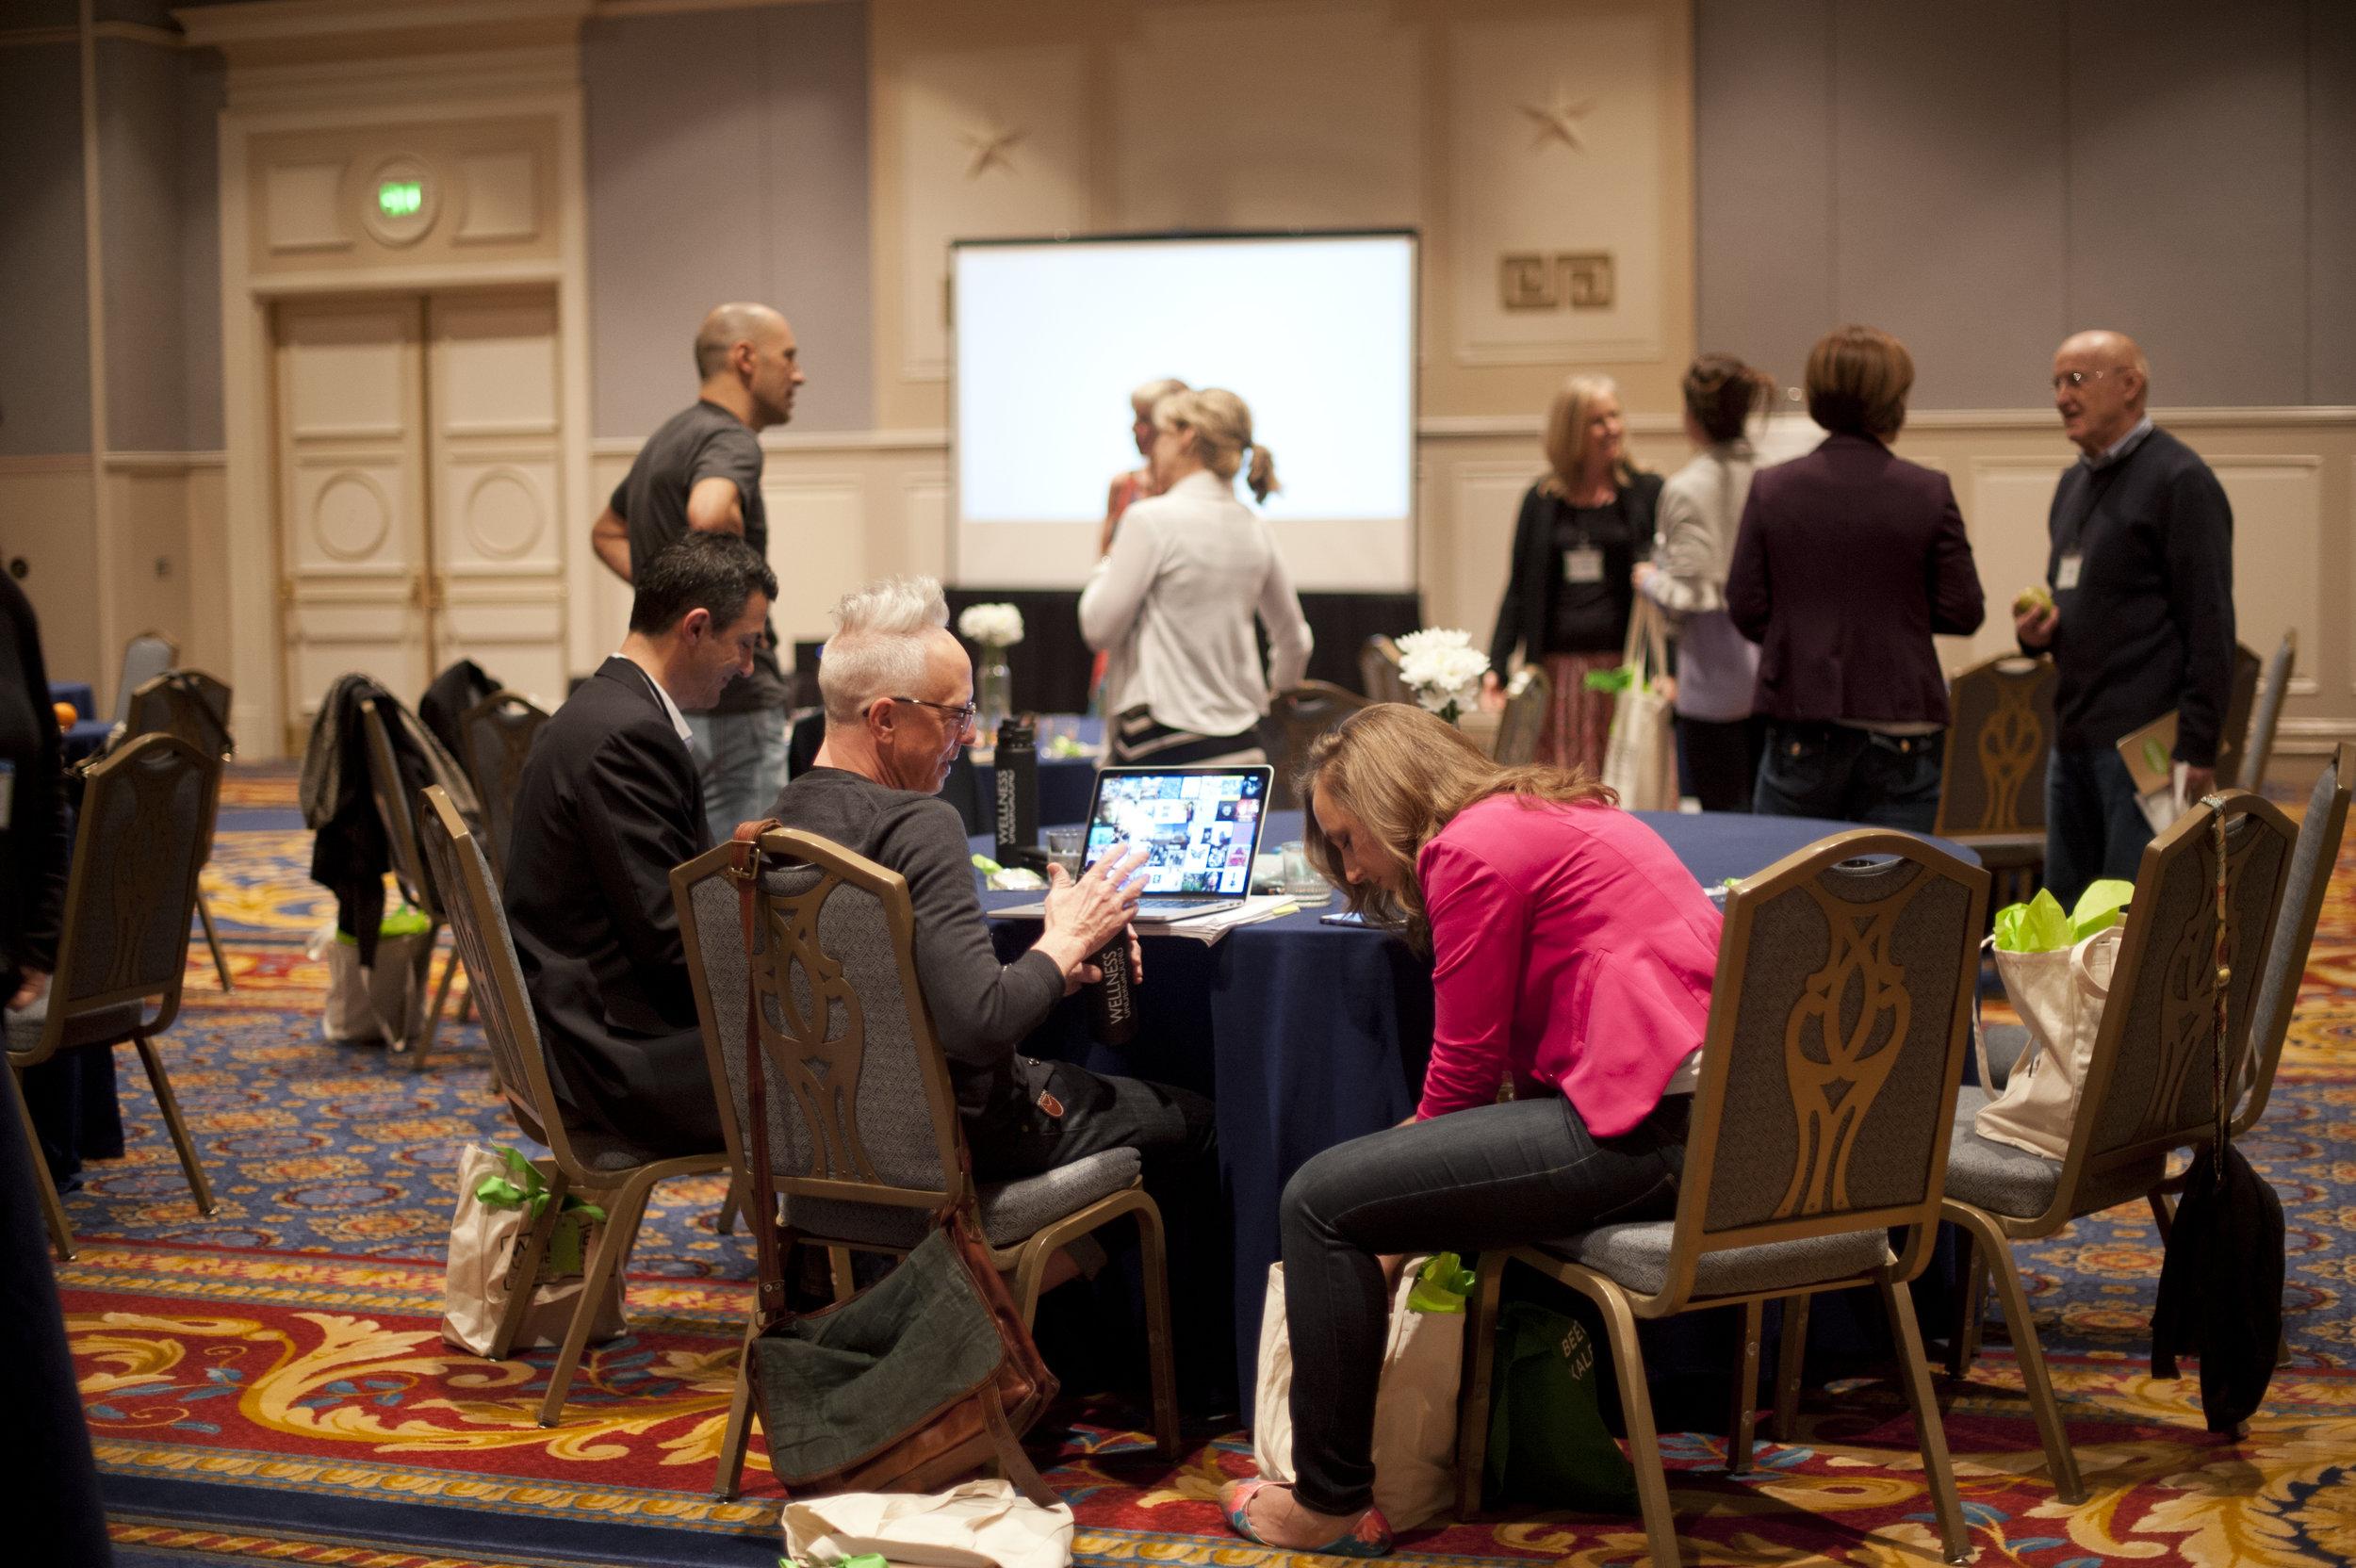 headline speakers, peer presenters, surprise speakers and attendees...we are all colleagues